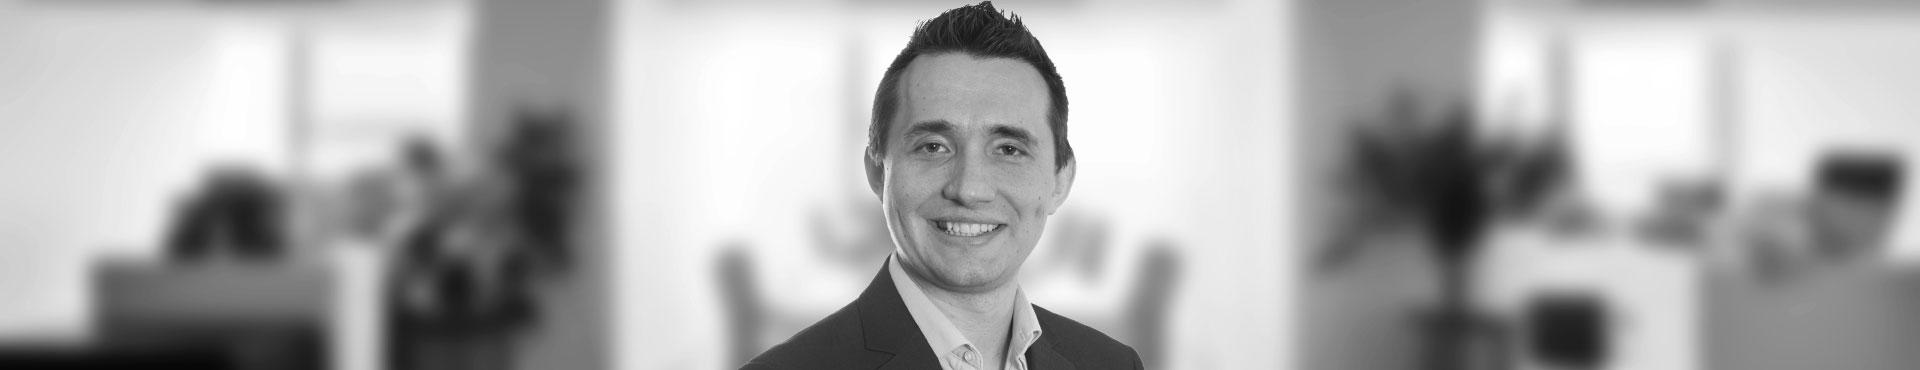 Joshua Aylward | Shine Lawyers